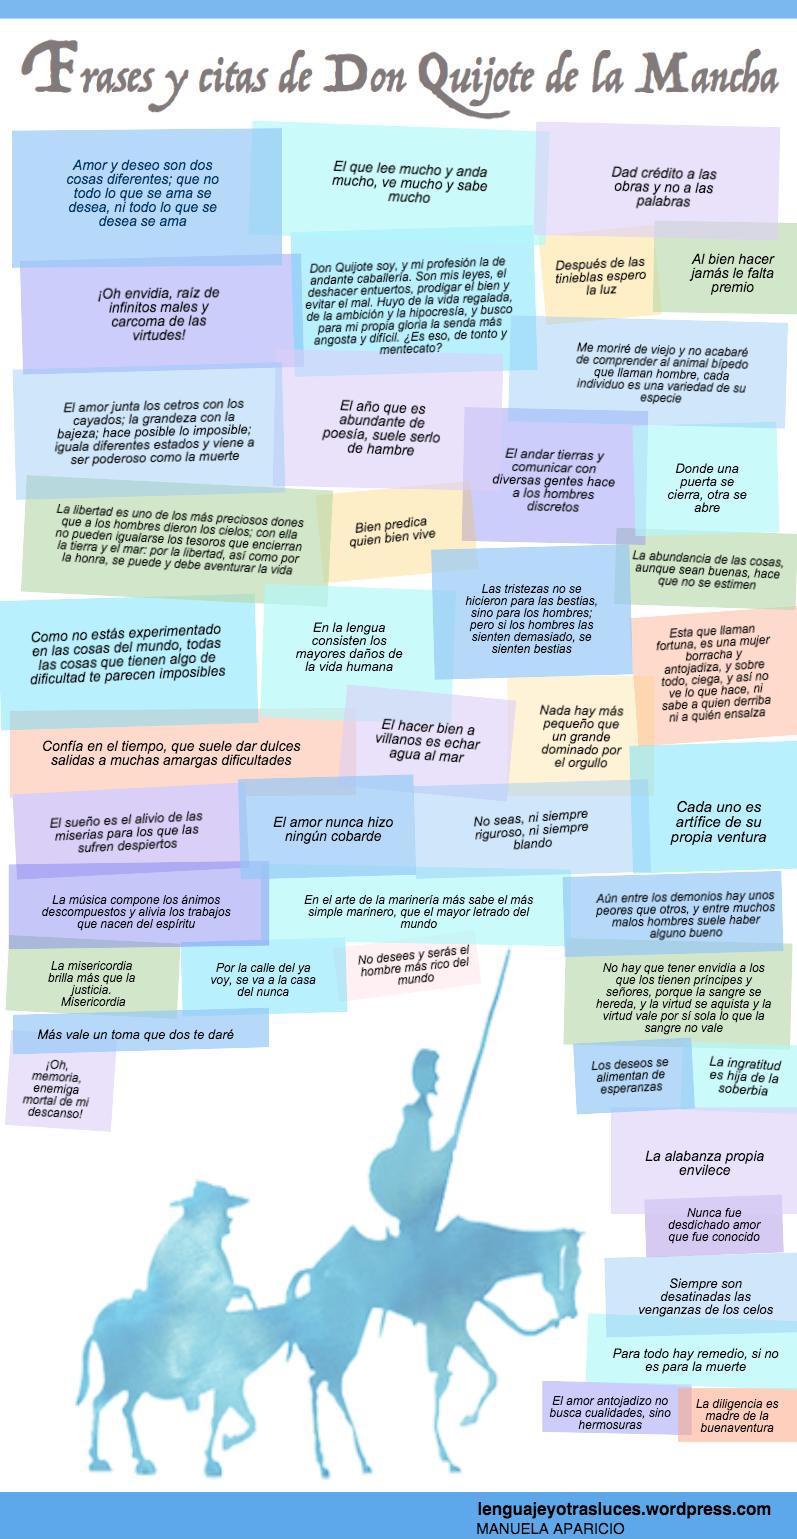 Frases y citas de Don Quijote de la Mancha